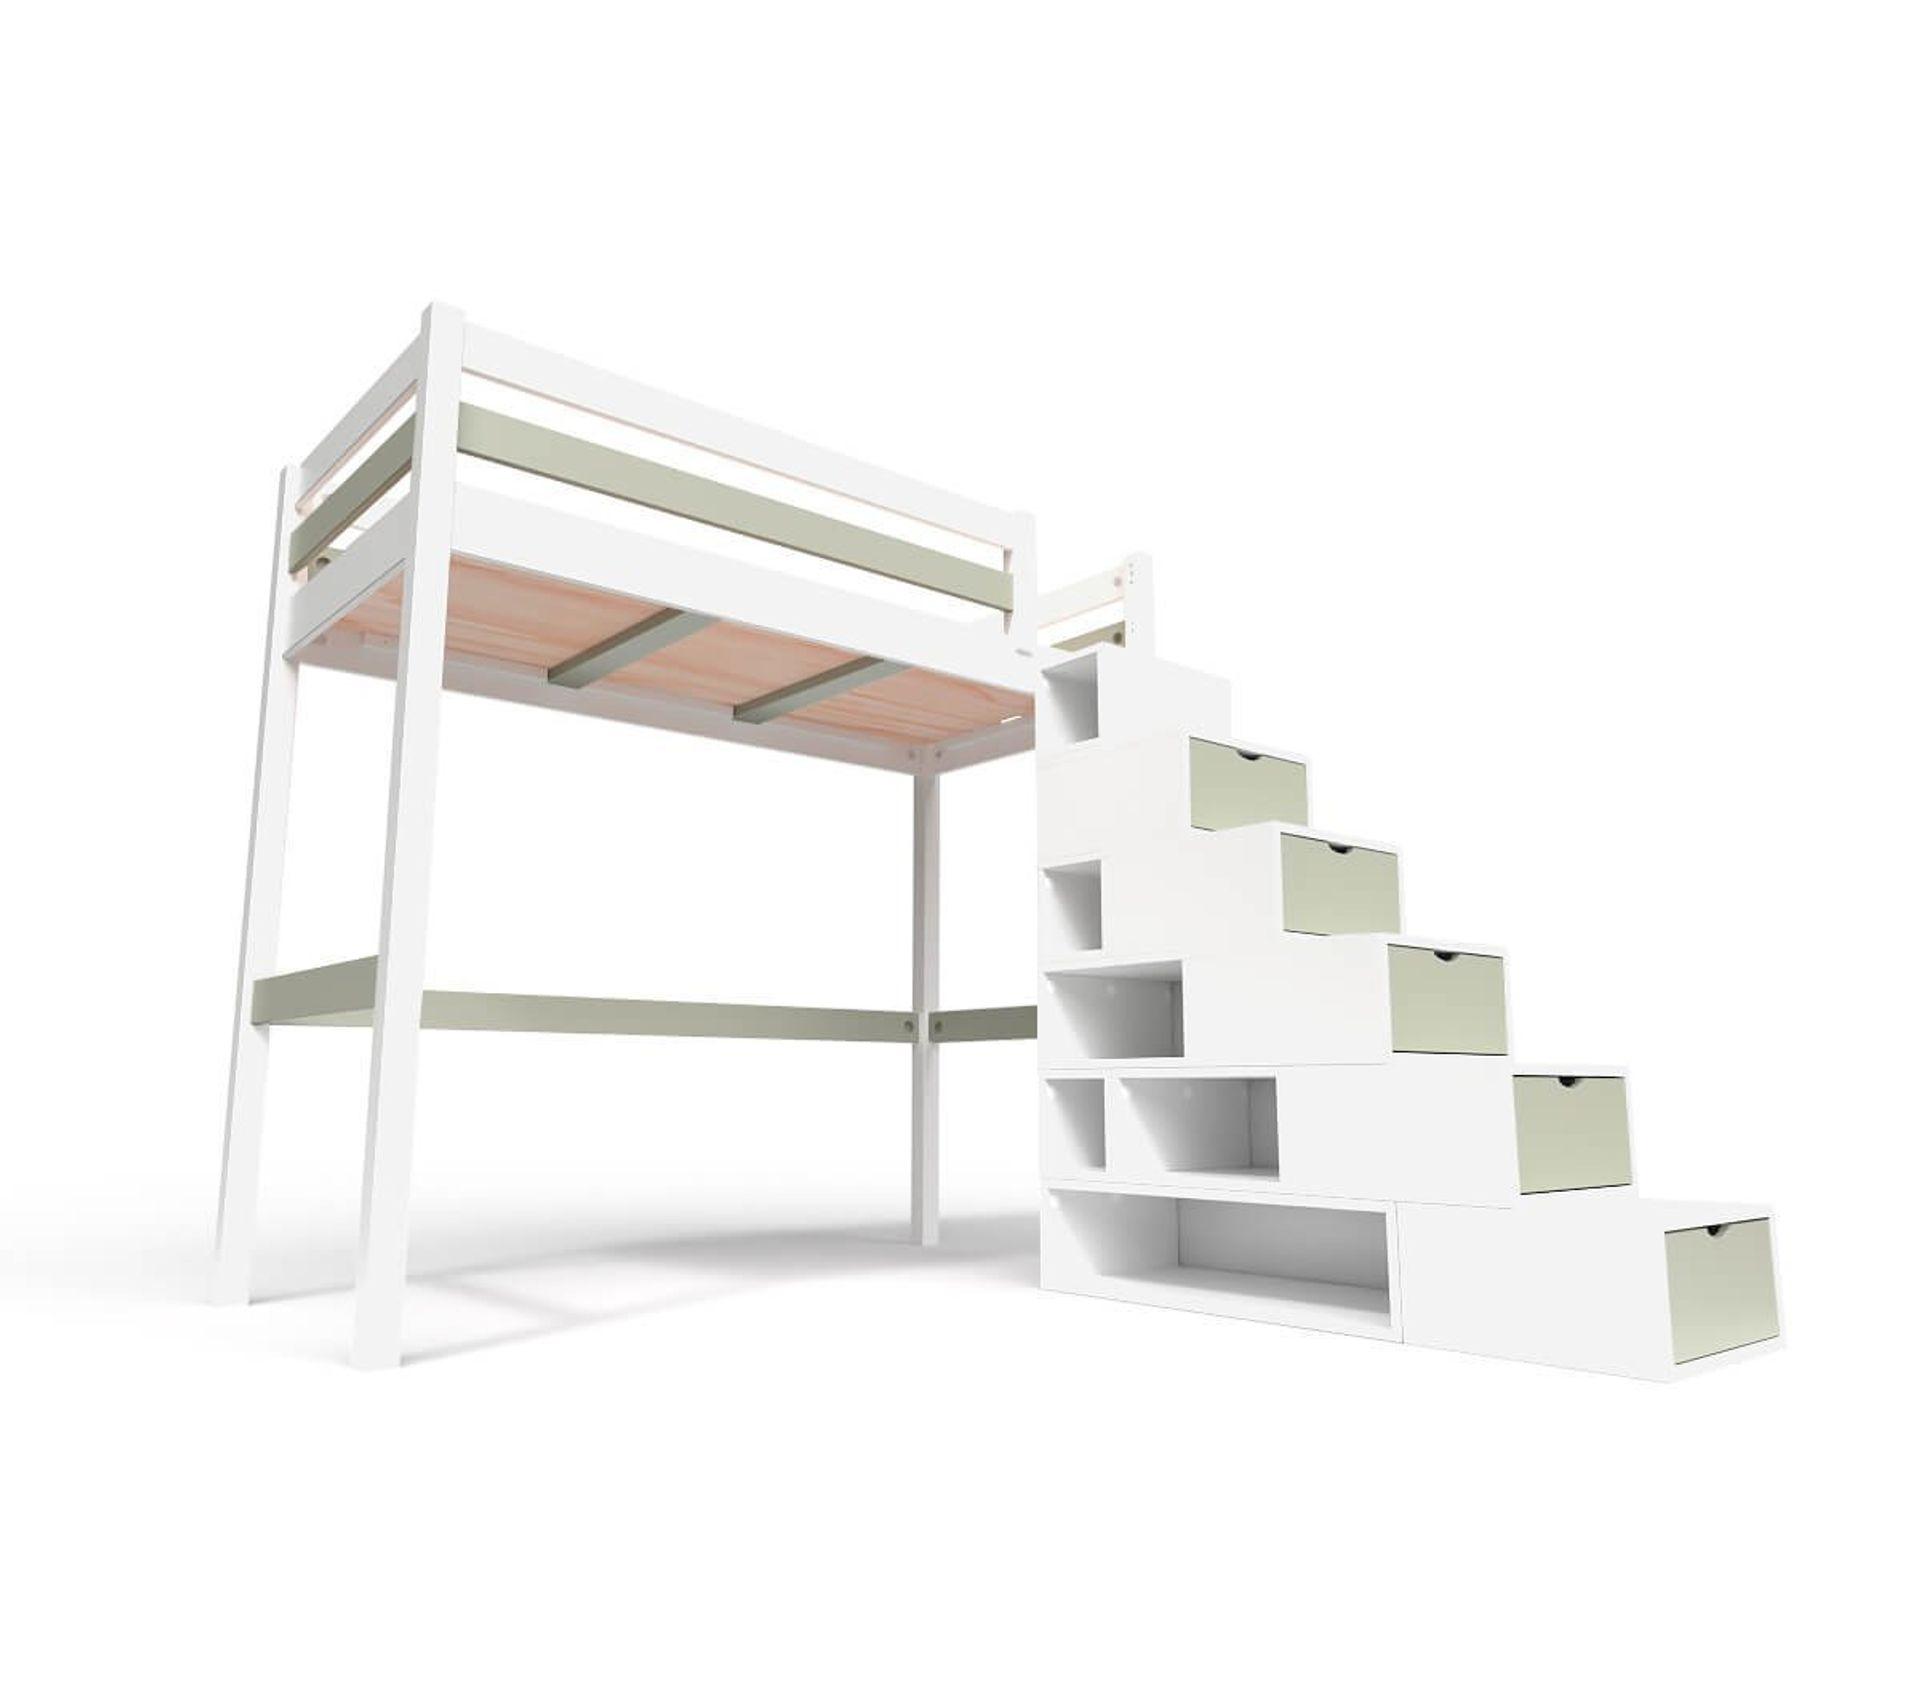 Lit Mezzanine Sylvia Avec Escalier Cube Bois Couleur Blanc Moka Dimensions 90x200 Lit Superpose Mezzanine But